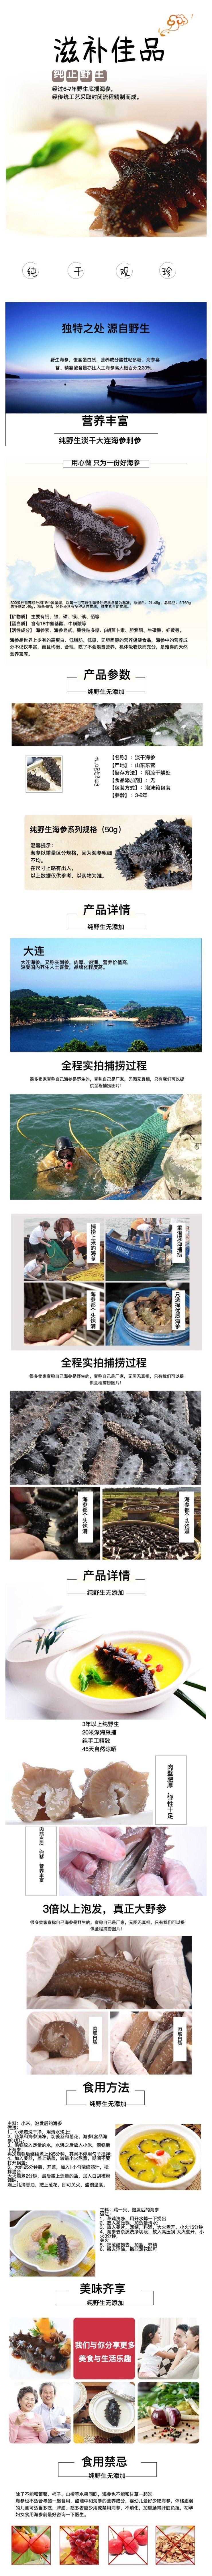 清新简约海参海鲜电商详情图